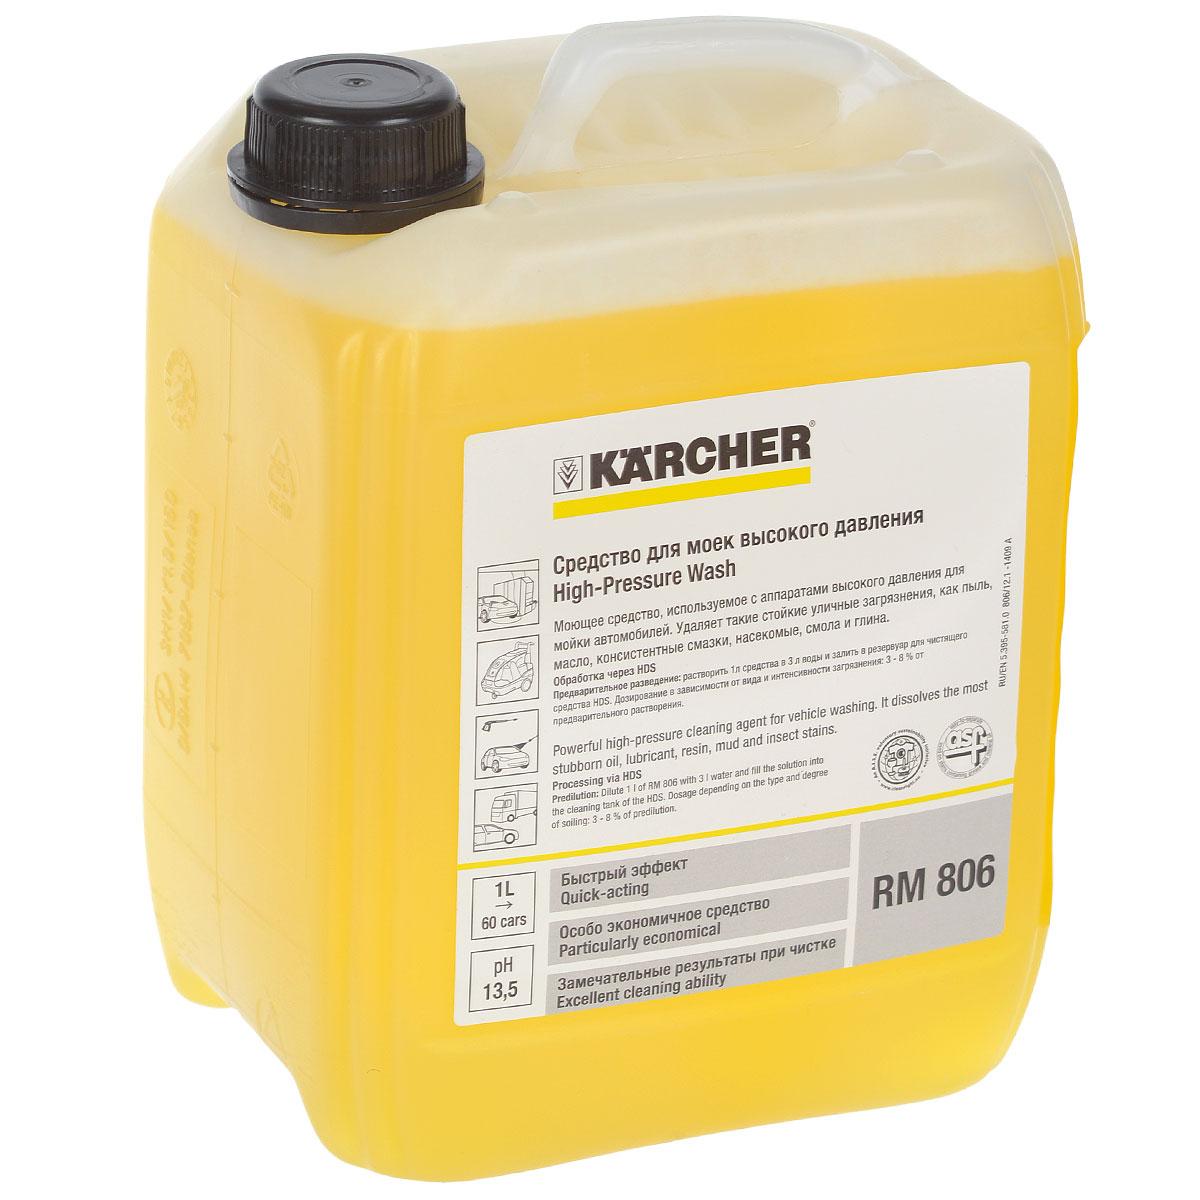 Автошампунь Karcher High-Pressure Wash для моек высокого давления 5л 6.295-504.0RC-100BPCАвтошампунь Karcher High-Pressure Wash - это концентрированное чистящее средство, которое удаляет любые стойкие загрязнения, такие как:- уличная пыль,- масло,- консистентные смазки,- следы насекомых,- смола,- глина. Моющее средство используется с аппаратами высокого давления для мойки автомобилей.1 л средства хватает для мойки 60 машин.Объем: 5 л.